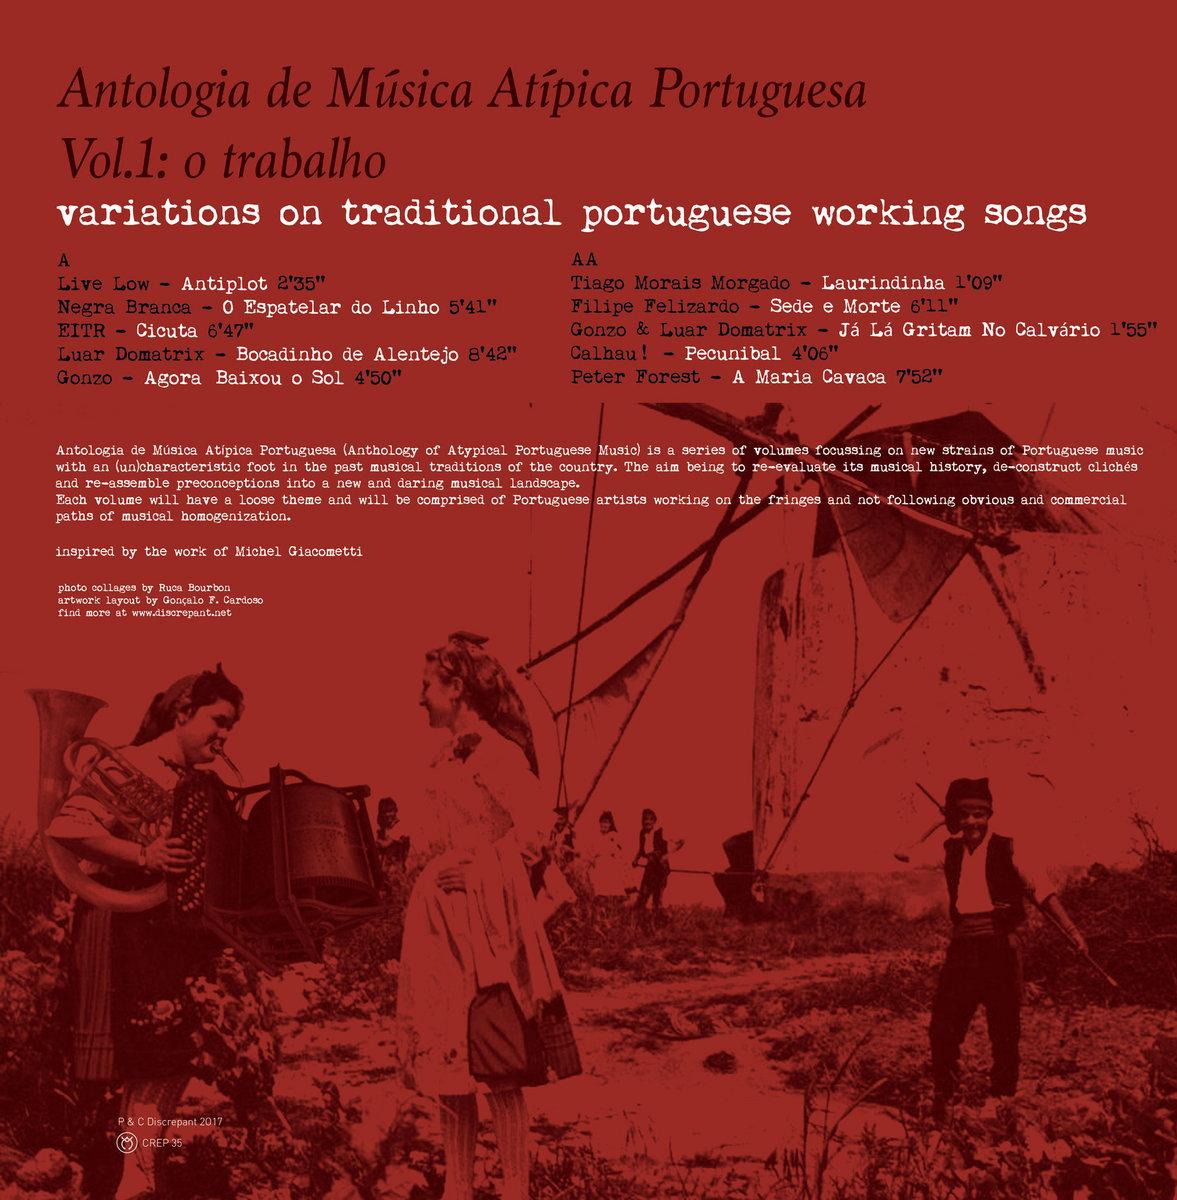 download torrent musica portuguesa